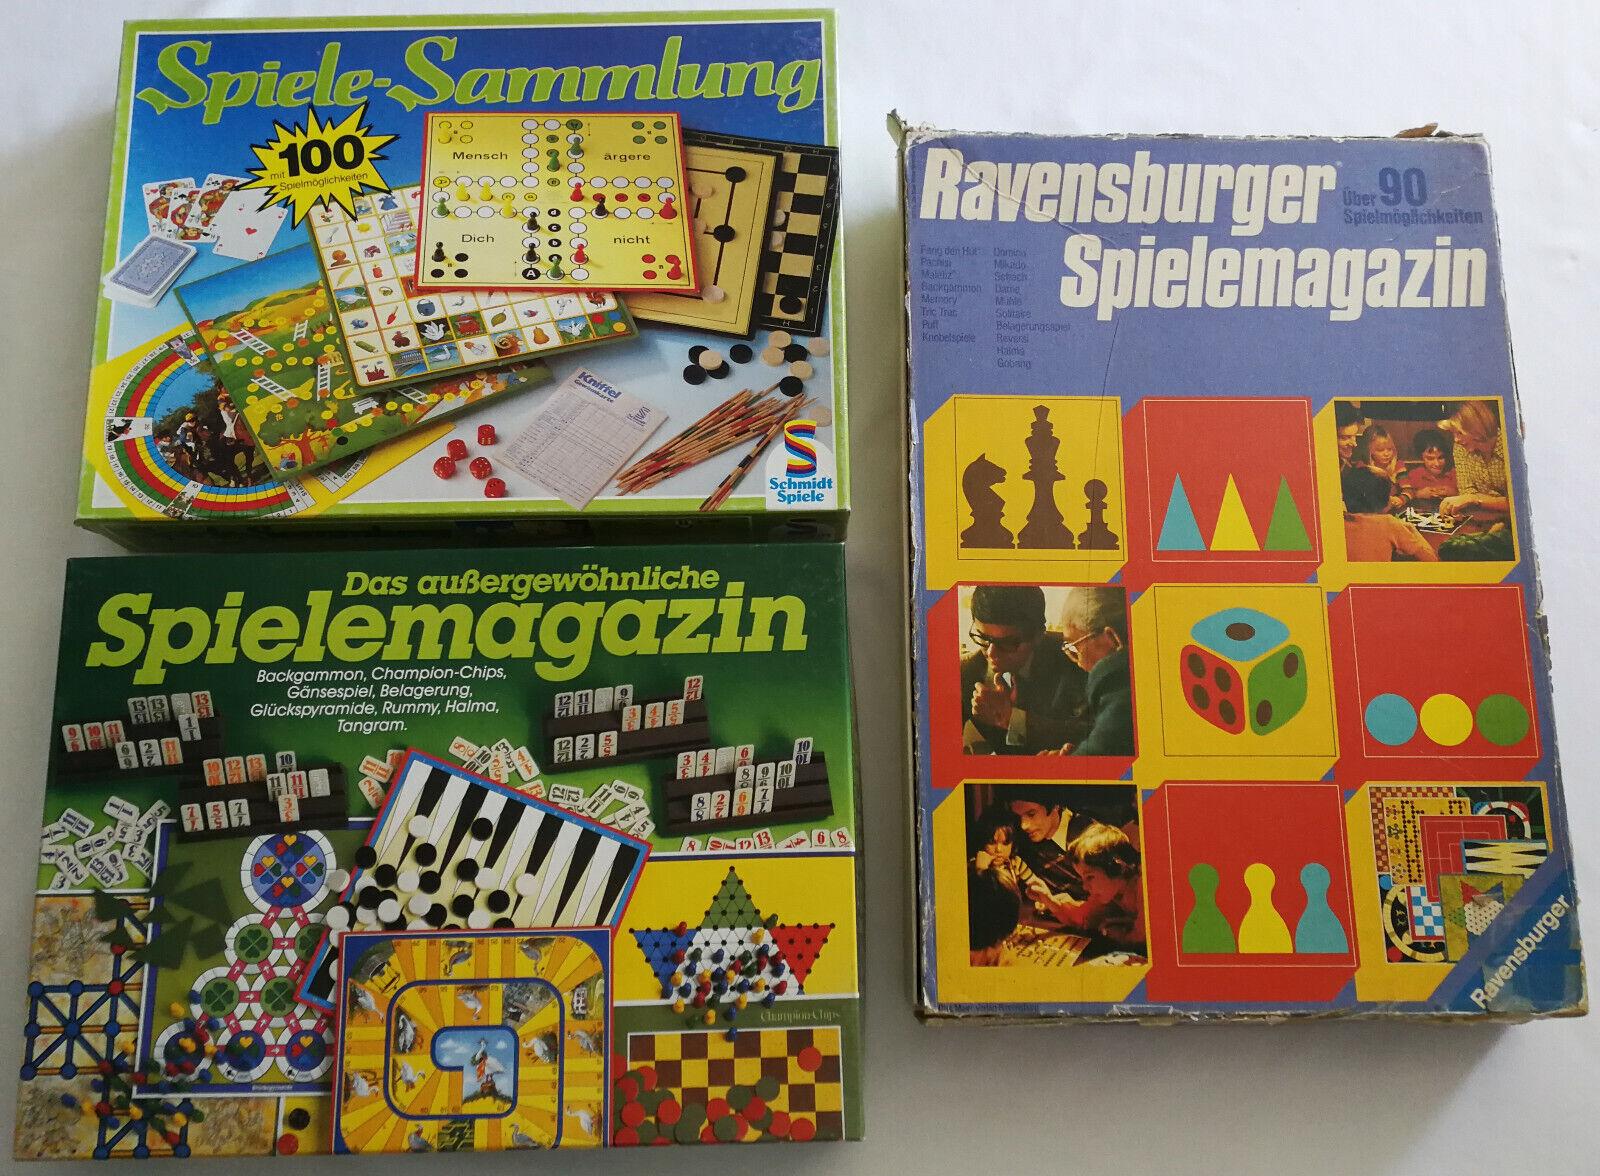 3x juegos-Colección  Schmidt juegos Ravensburger excepcionales juegos revista